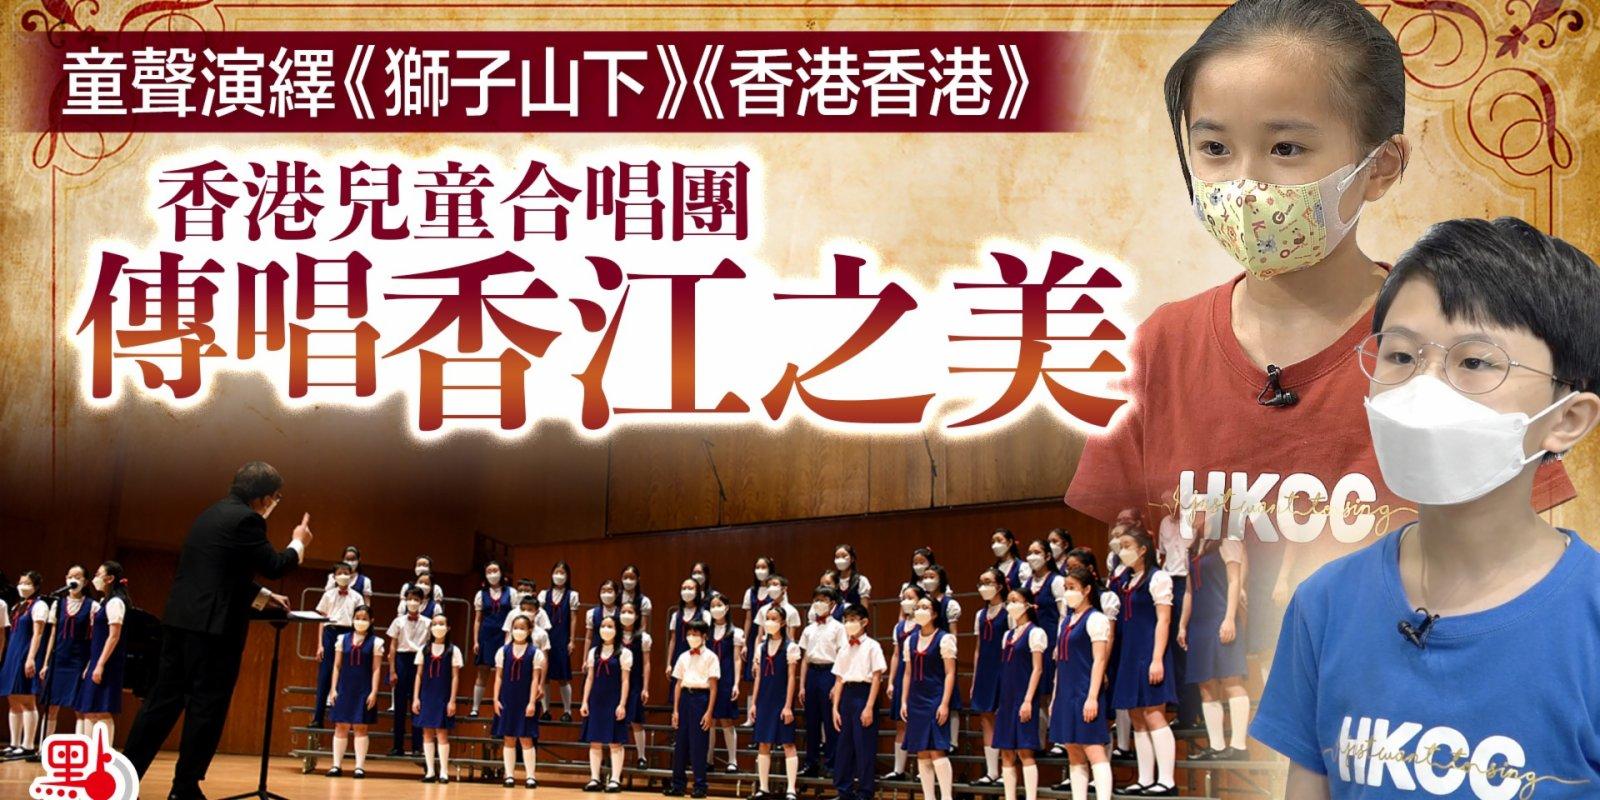 童聲演繹《獅子山下》《香港香港》 香港兒童合唱團傳唱香江之美